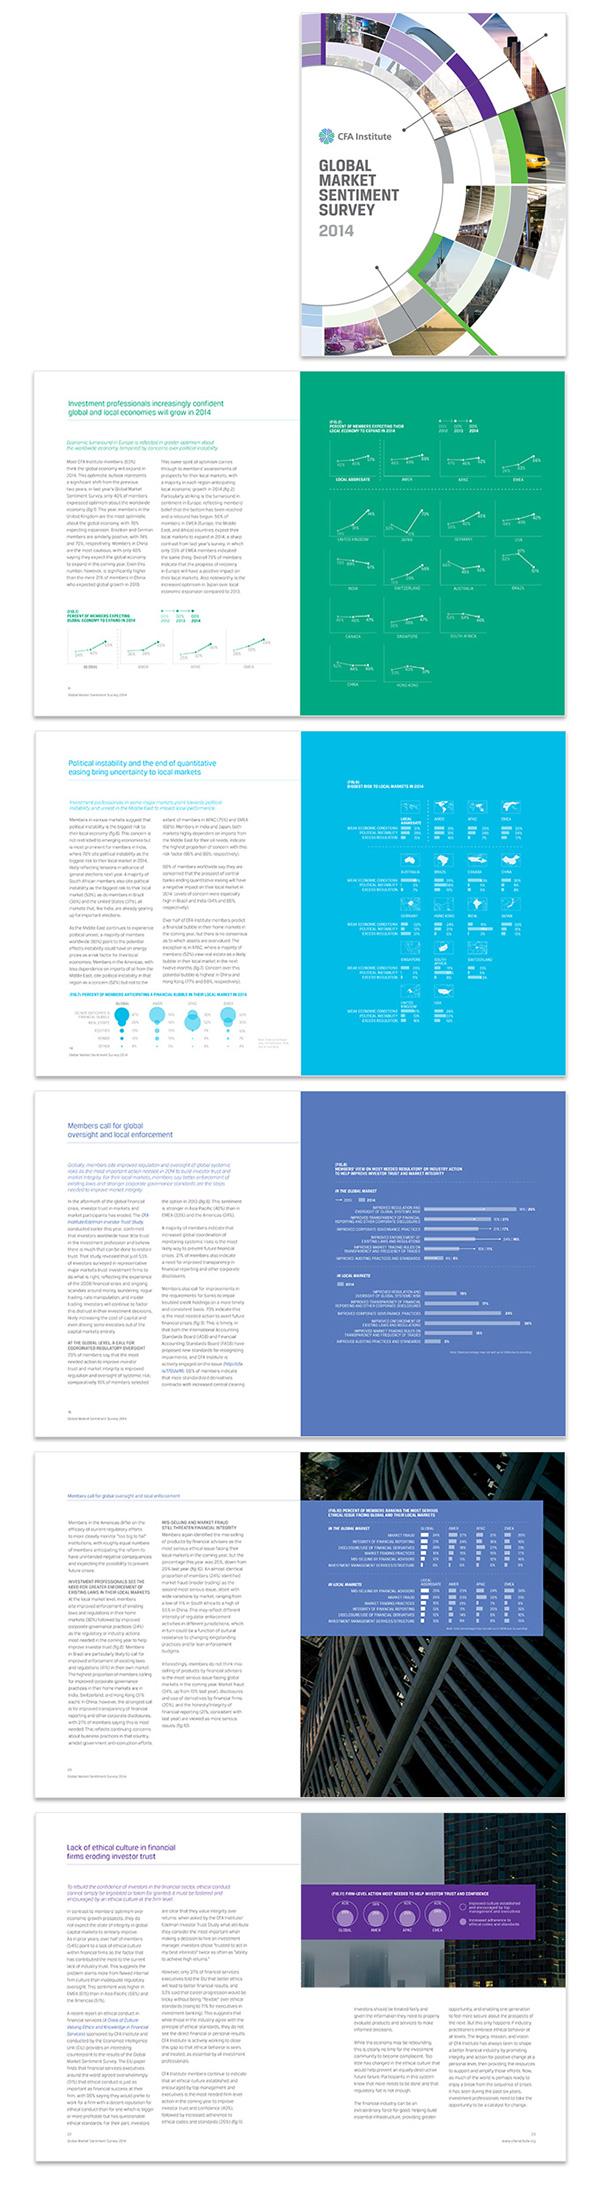 Global Market Sentiment Survey 2014 Whitepaper on Behance